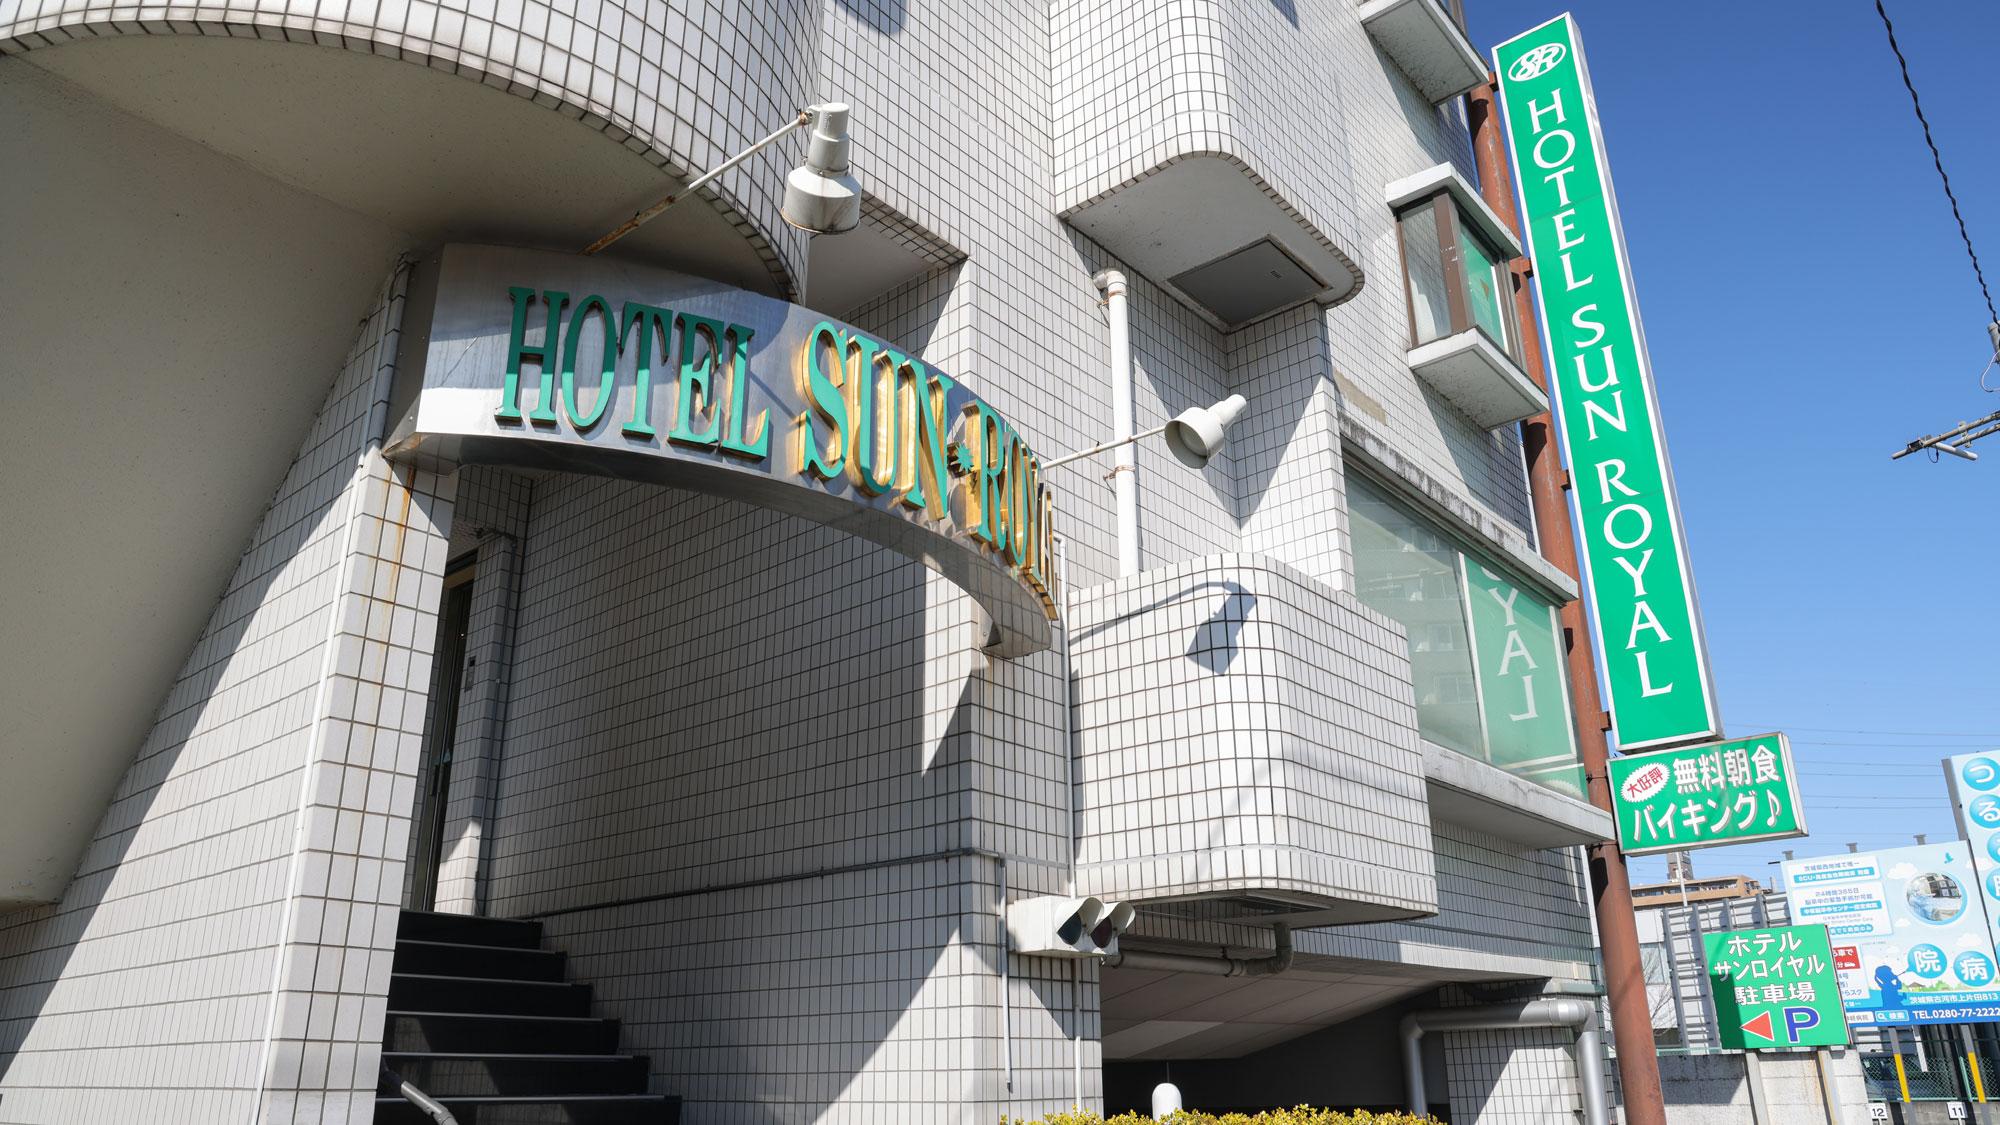 ホテルサンロイヤル小山